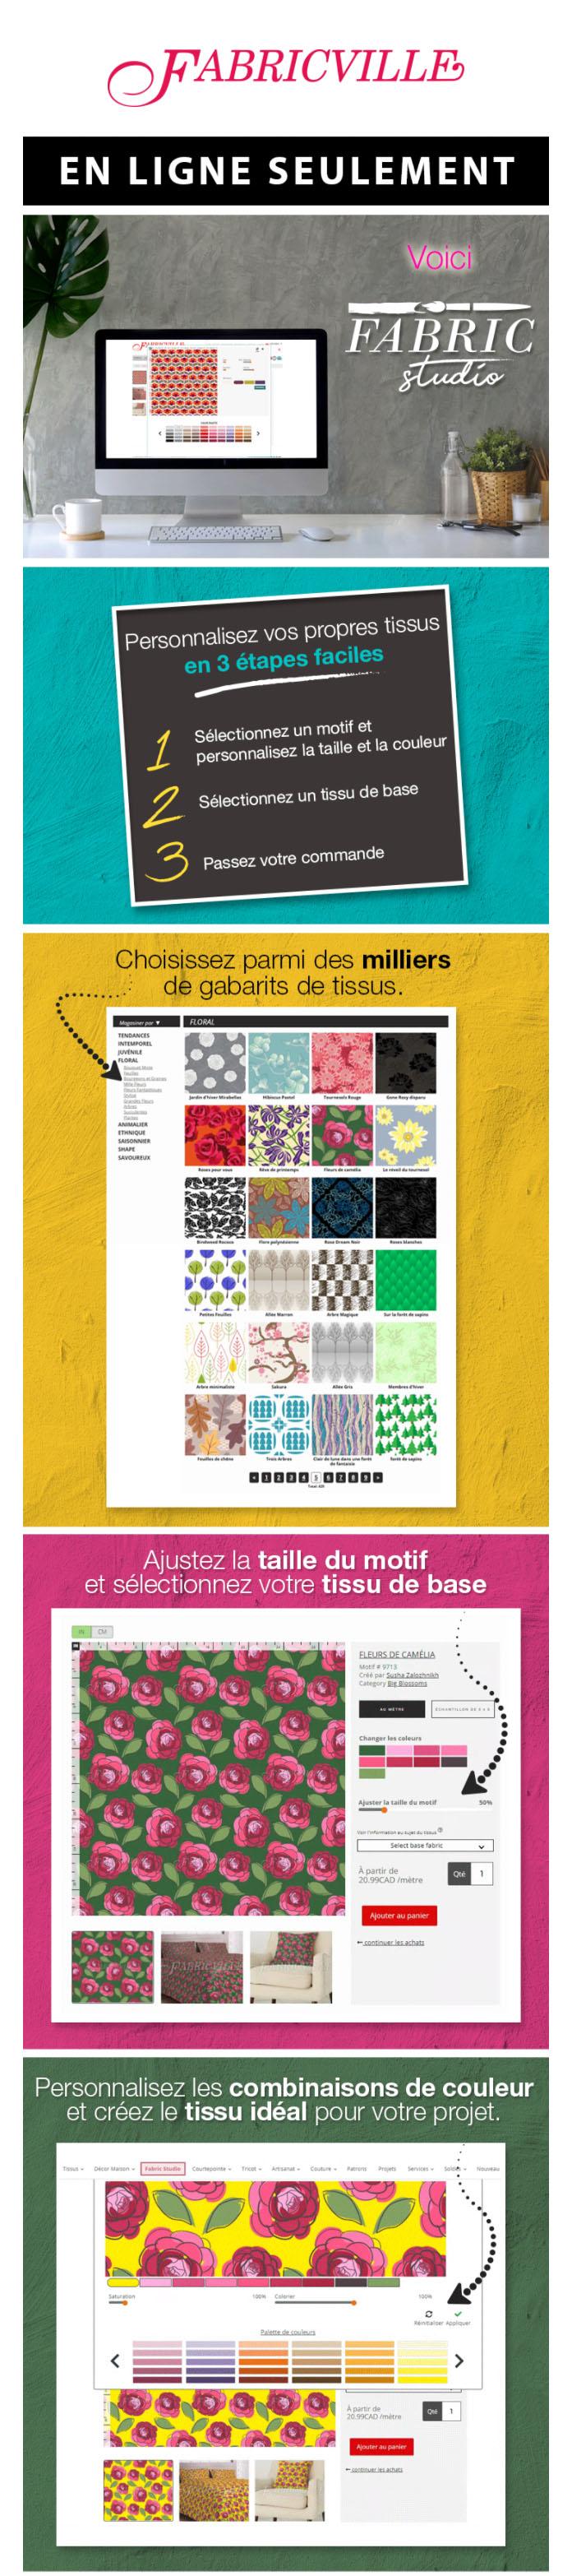 Tout Nouveau, Tout Beau! Fabric Studio: Votre Outil Pour Créer Vos Propres Tissus En Ligne!